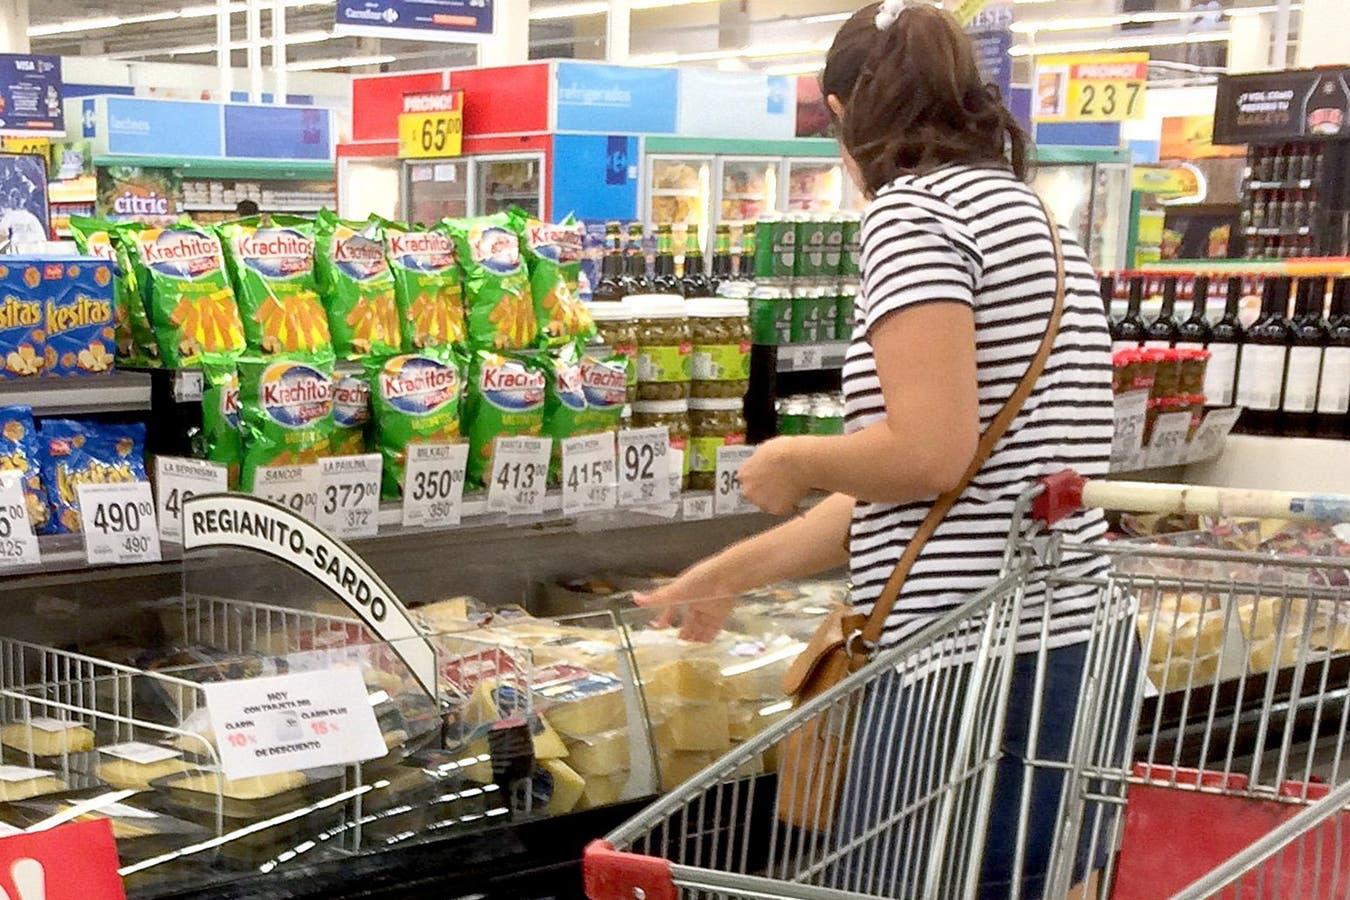 La inflación esperada representa el máximo histórico desde que comenzó a realizarse la encuesta, en agosto de 2006